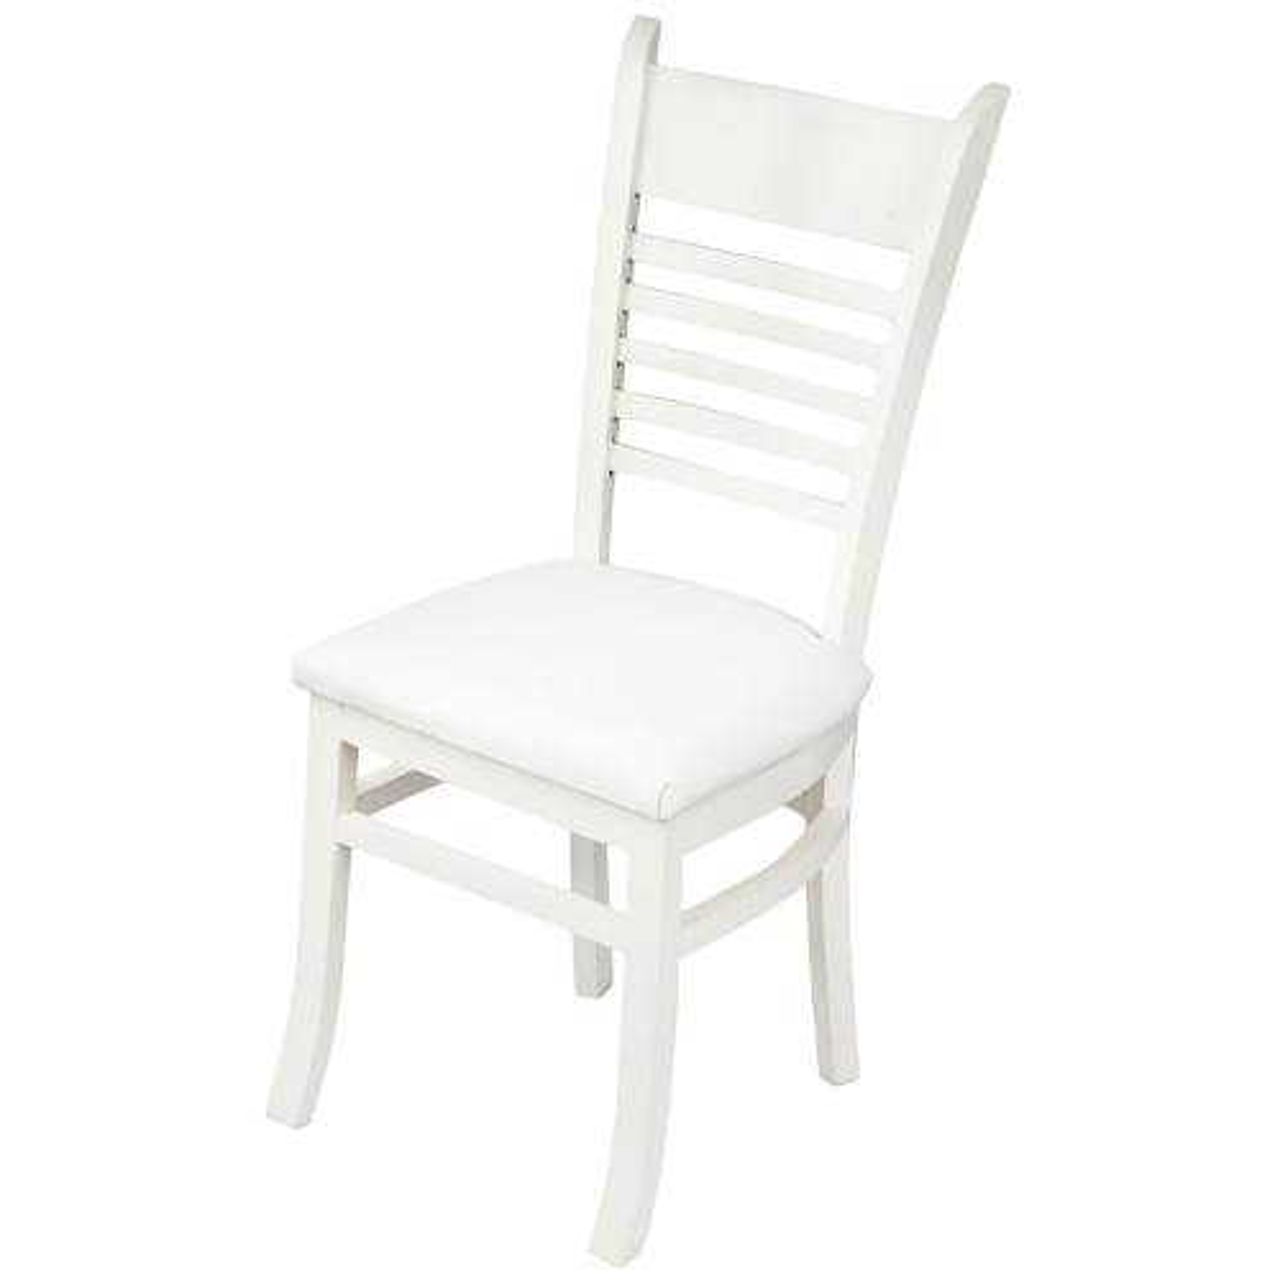 صندلی صنایع چوب قائم مدل k316